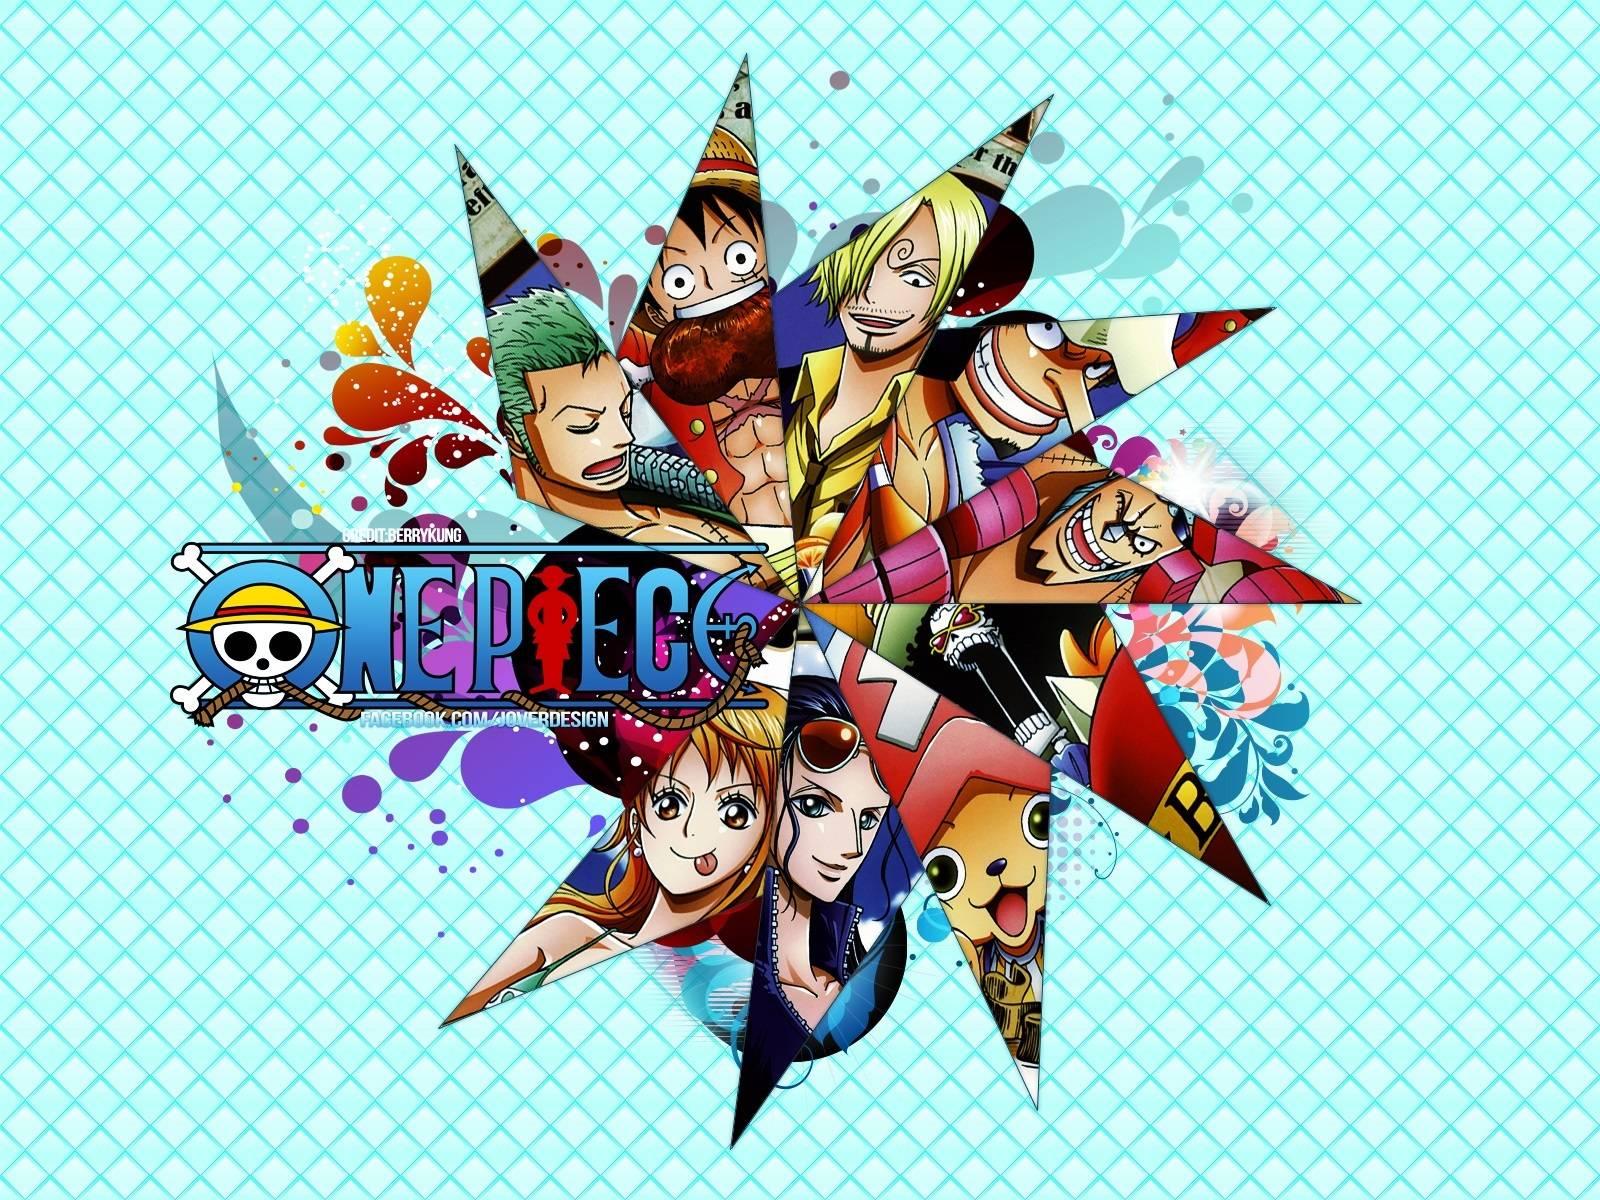 New World One Piece Wallpaper Hd 1280x960 Download Hd Wallpaper Wallpapertip